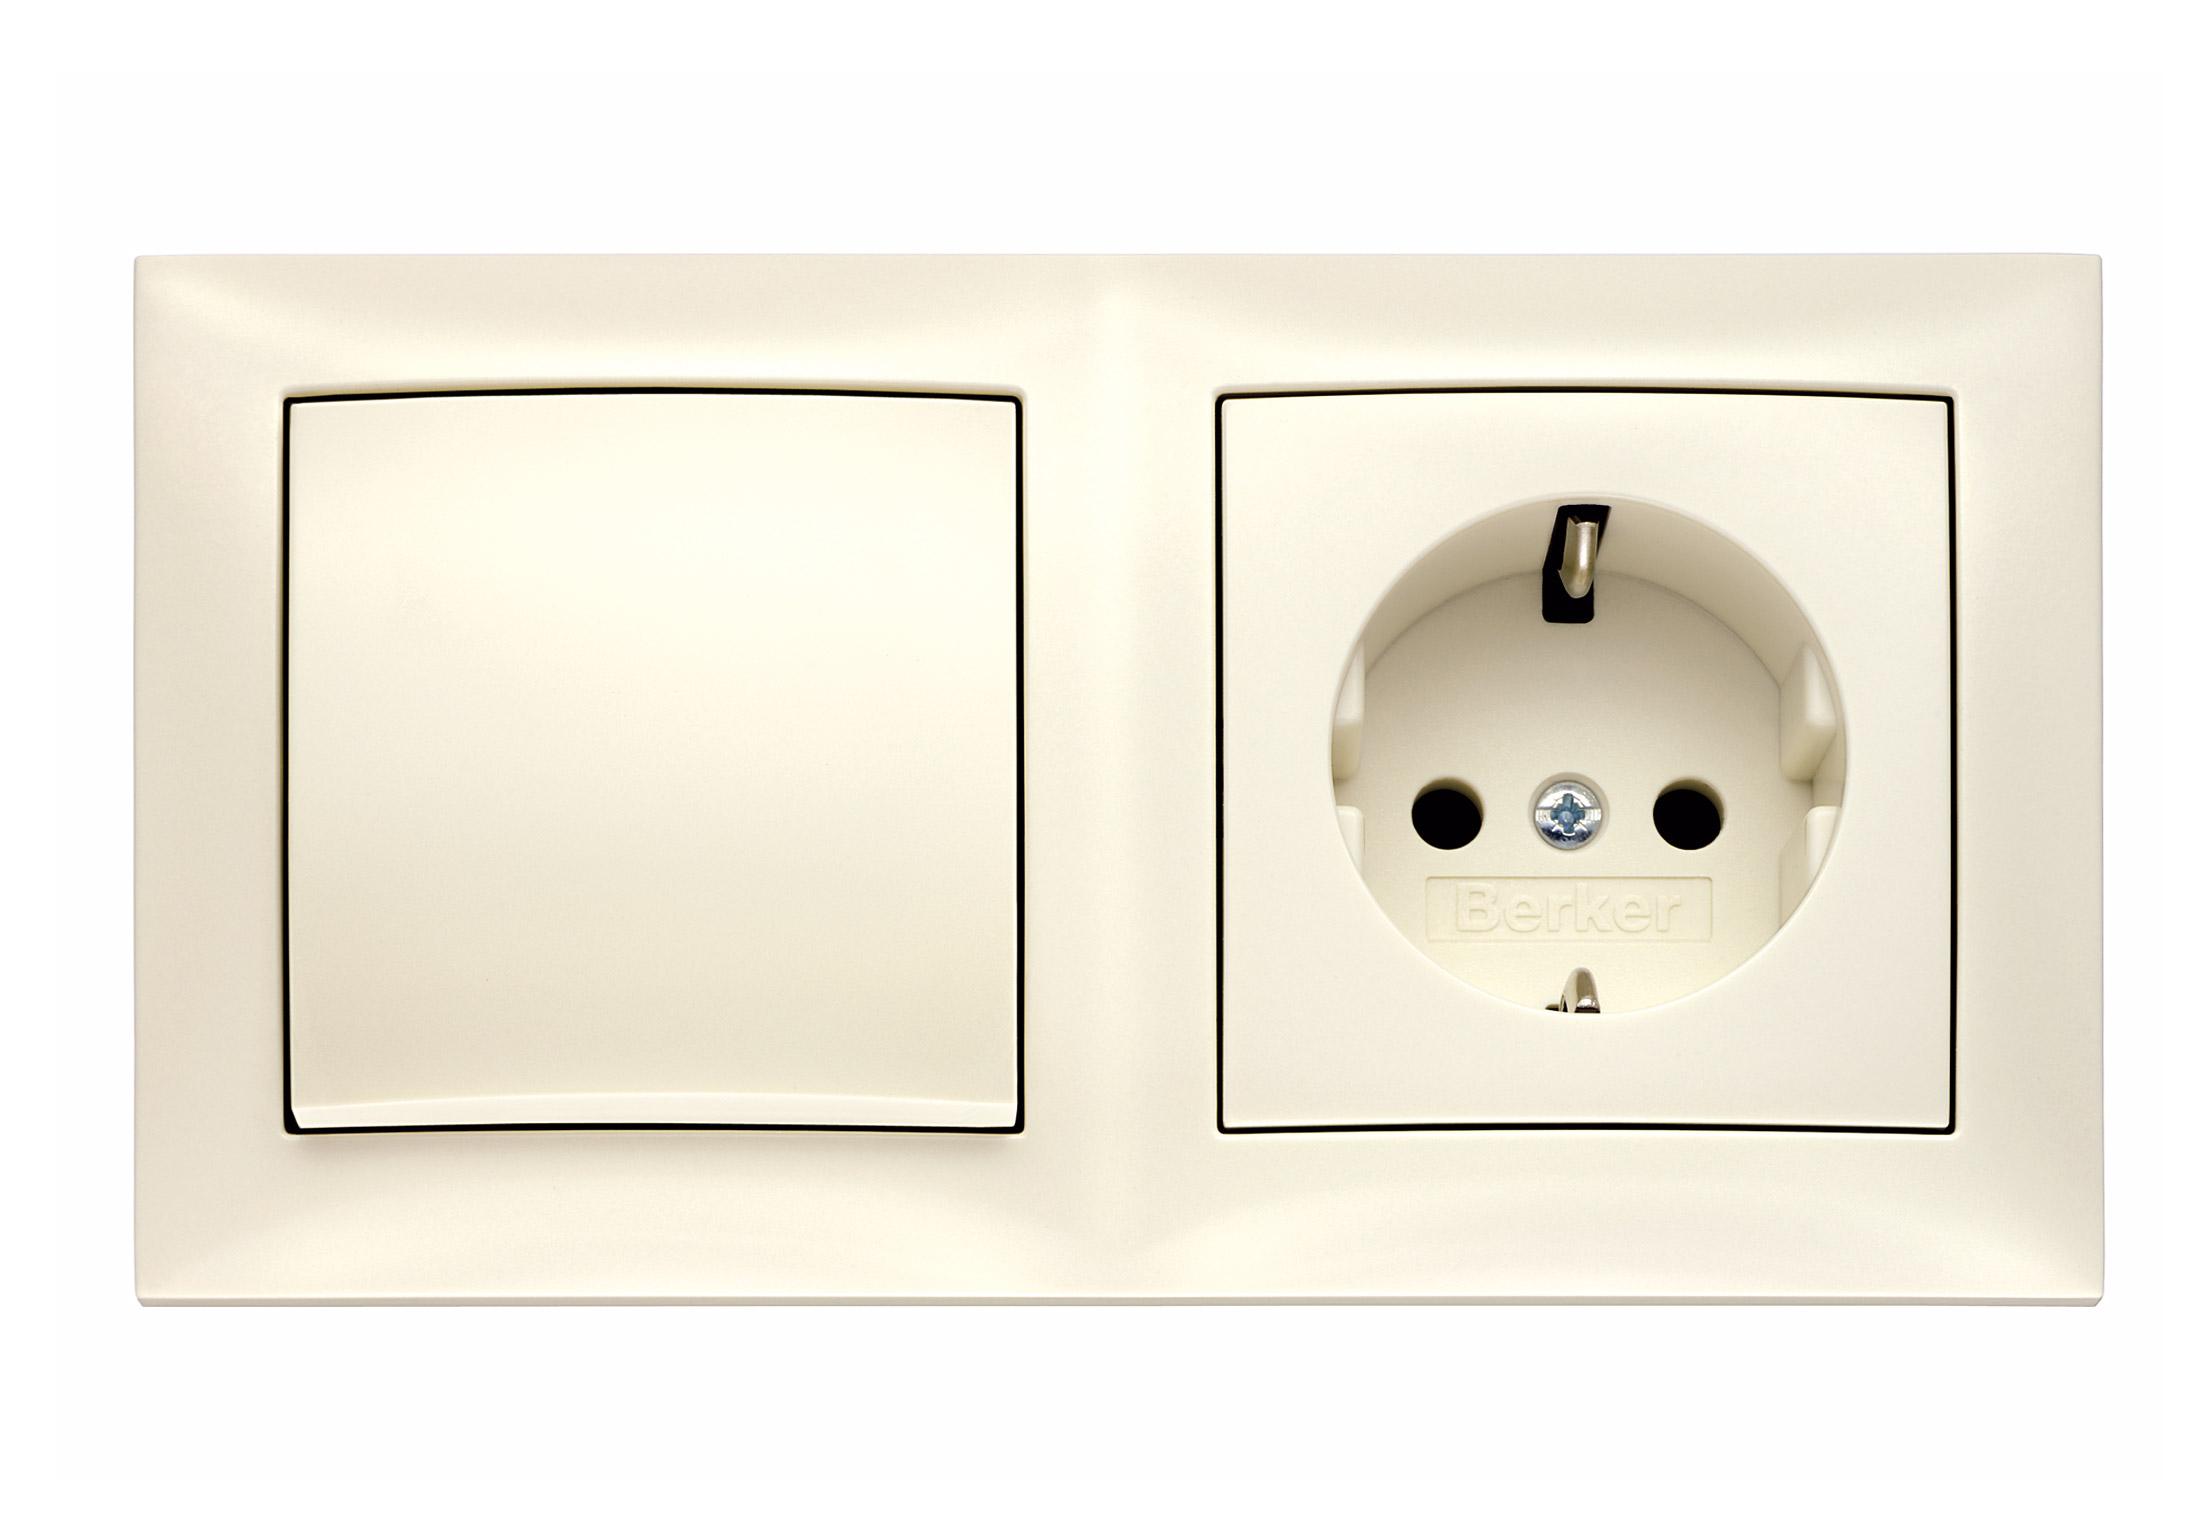 S.1 Schalter-Steckdosen-Kombination von Berker | STYLEPARK